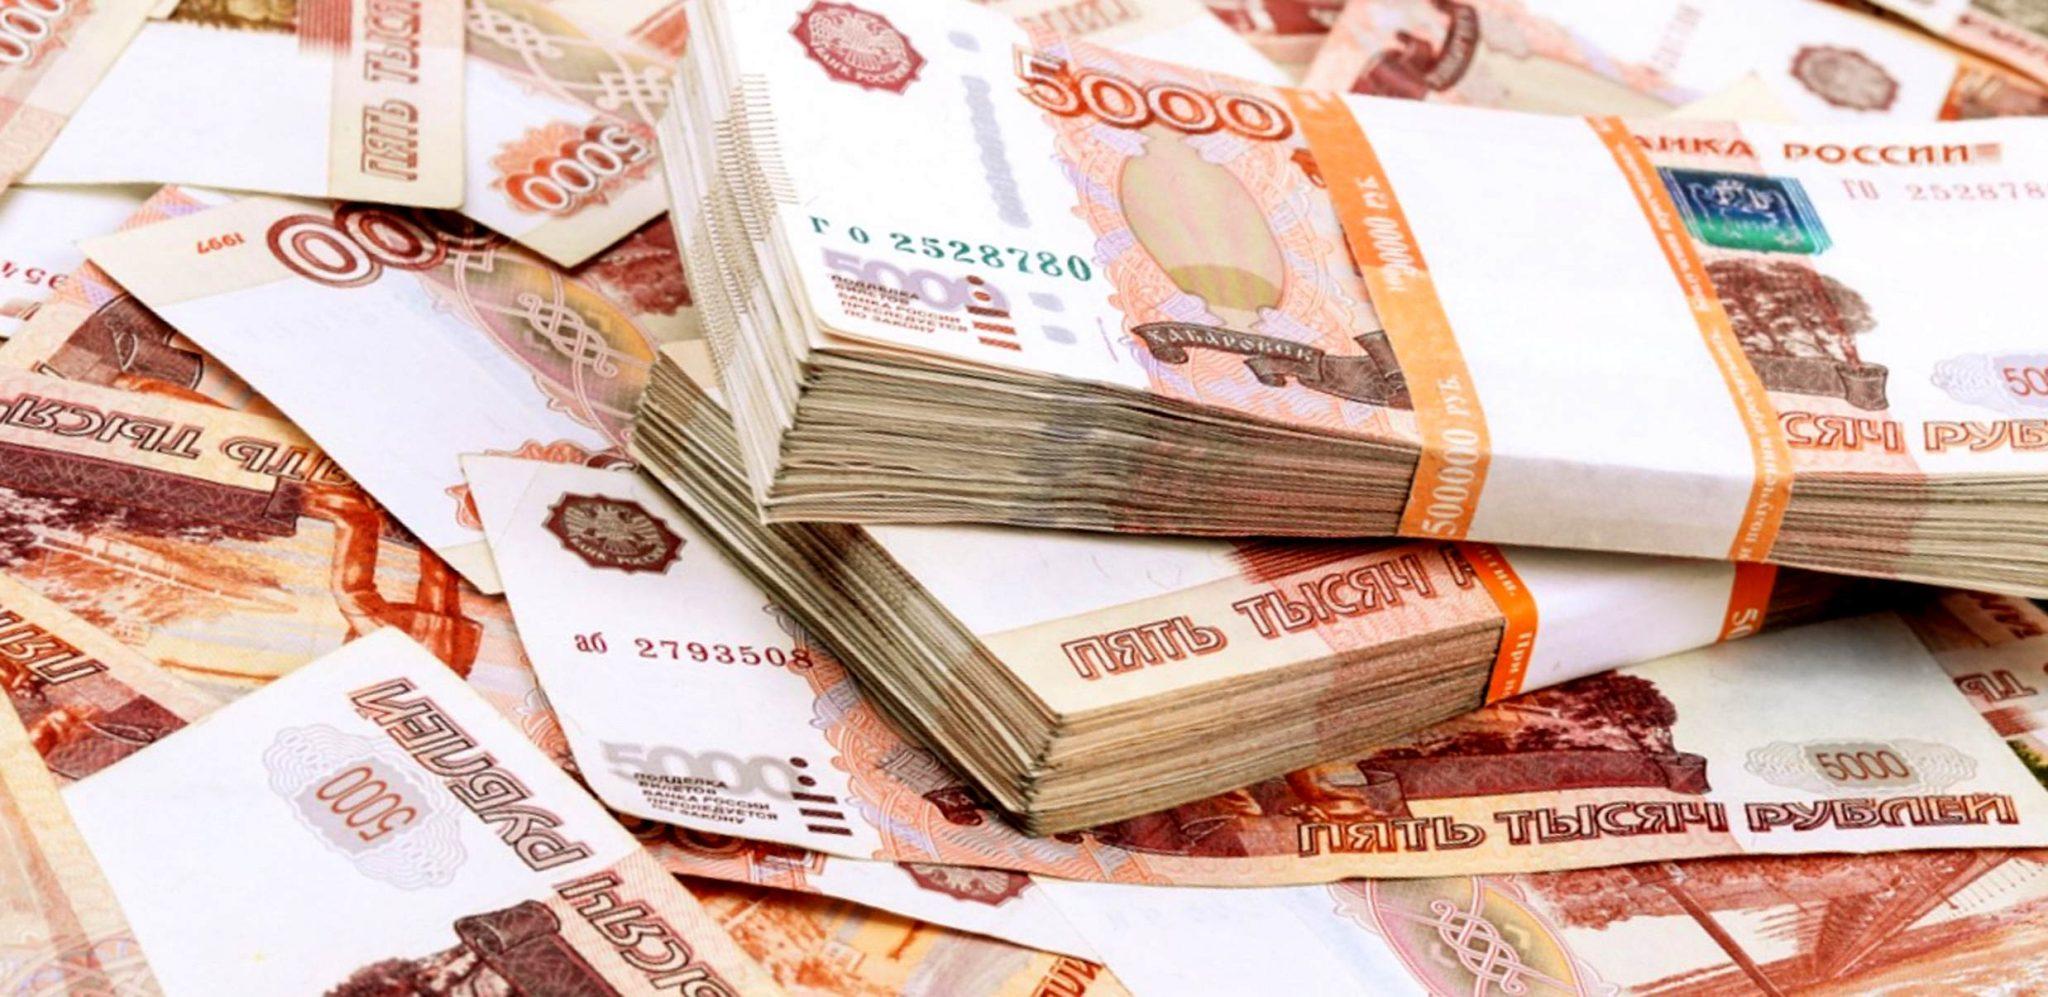 5 подсказок, которые помогут вам стать миллионерами с нуля